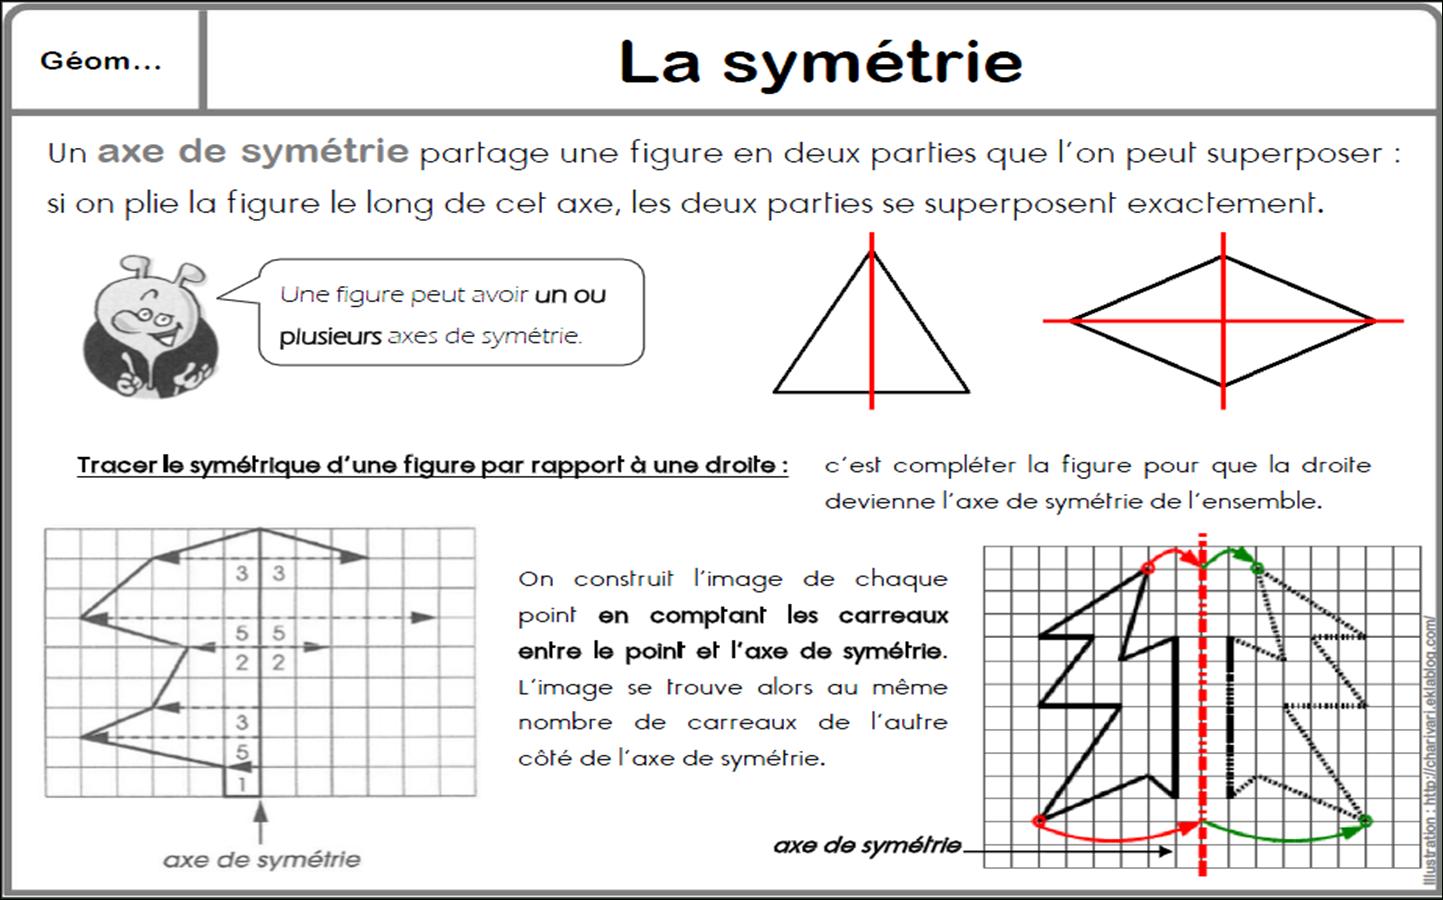 Géométrie (4) Axe De Symétrie - Les Deux Amis tout Symétrie Cm1 Exercices